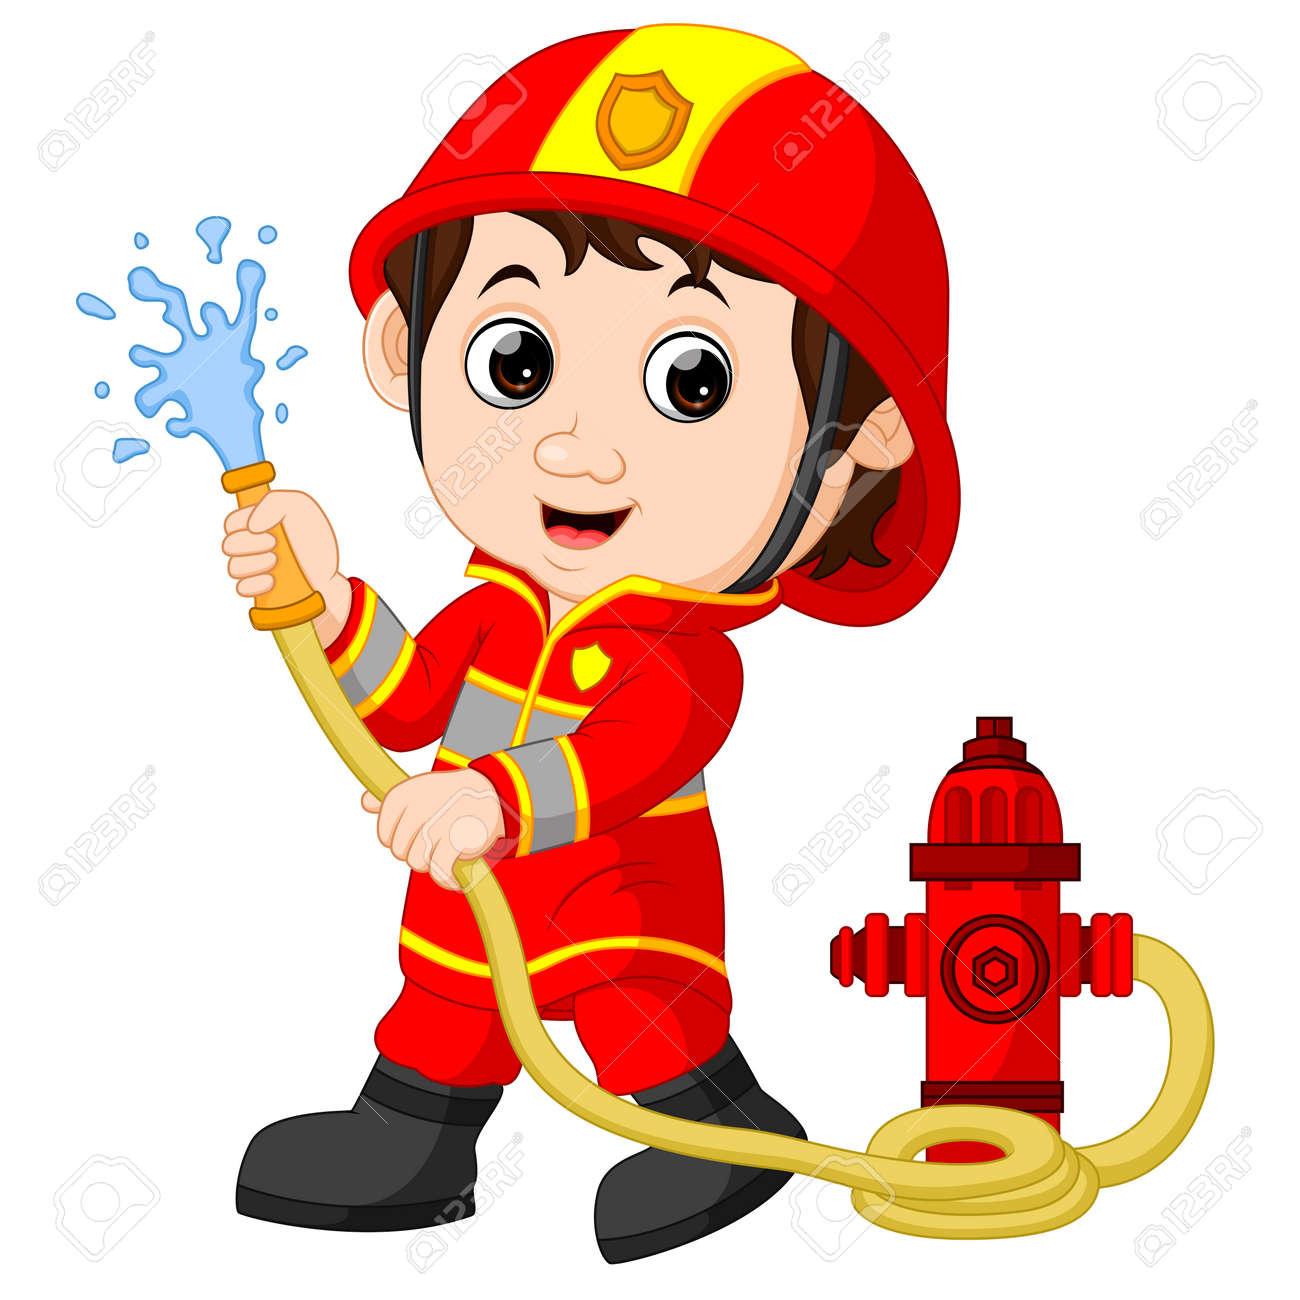 Firefighter cartoon. - 73492431